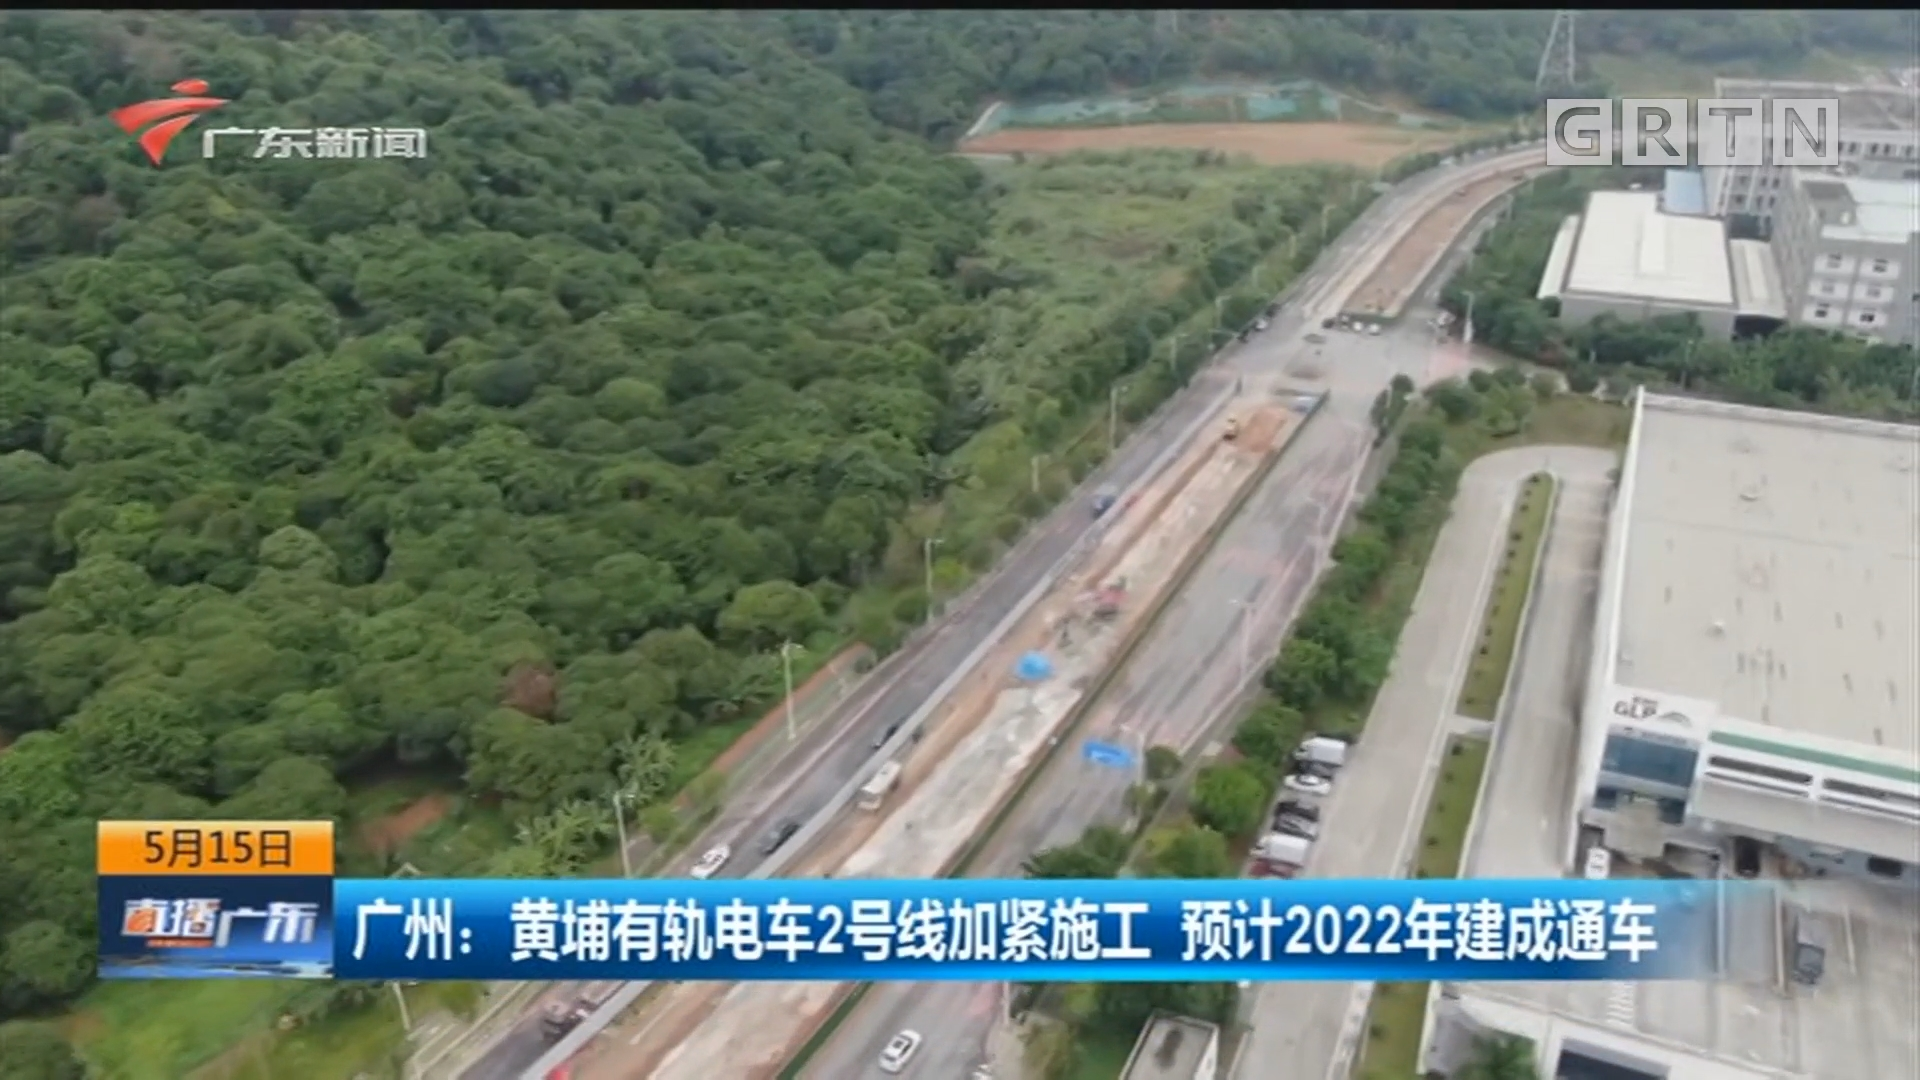 广州:黄埔有轨电车2号线加紧施工 预计2022年建成通车